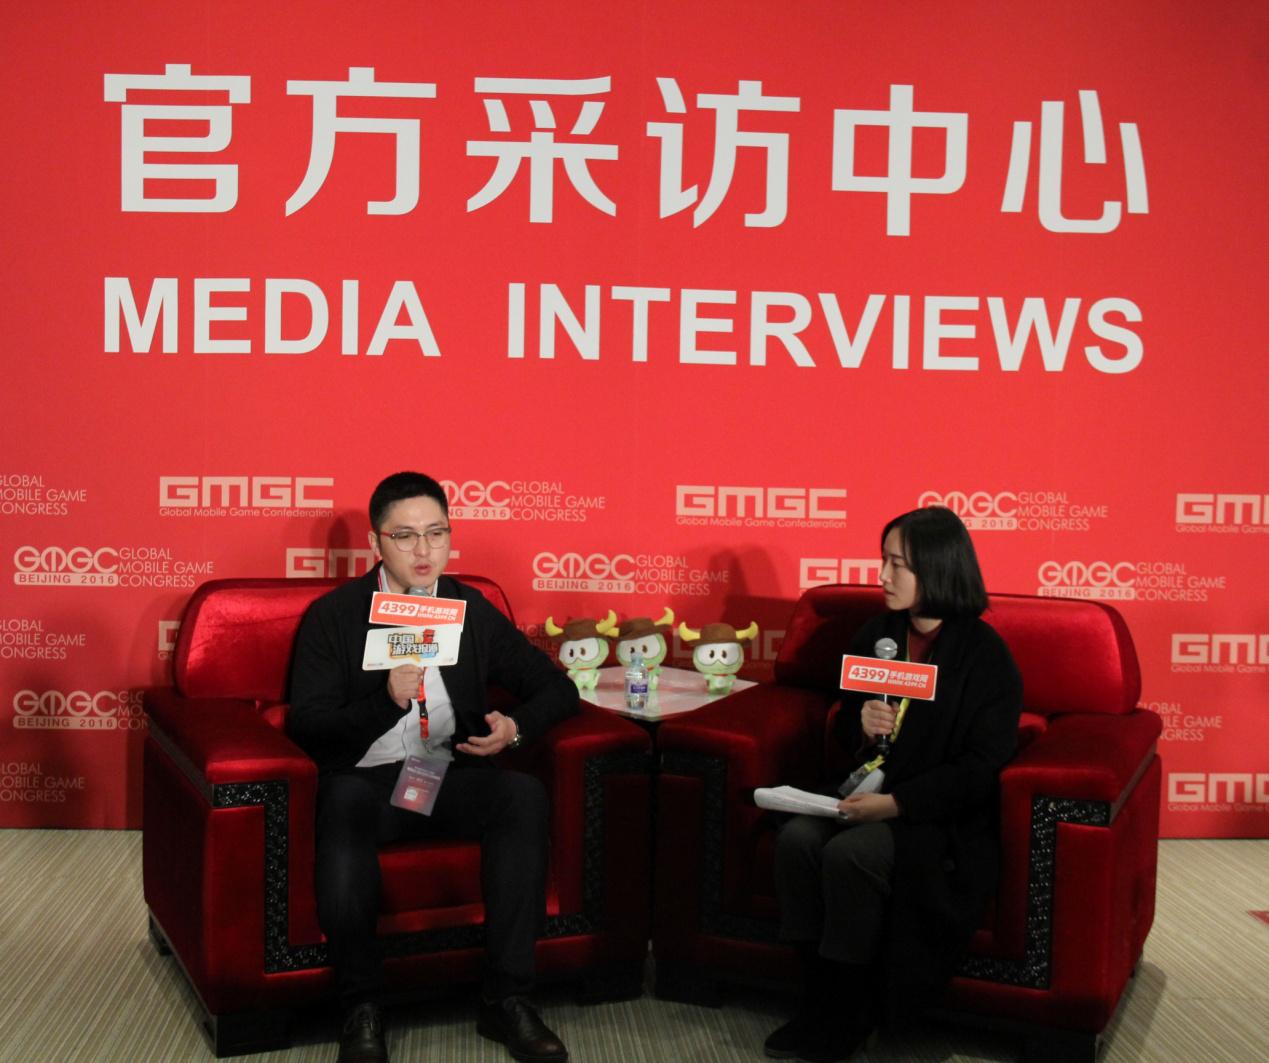 GMGC 2016 | 中手游首席运营官李维专访:专业极致发行,专注实现共赢